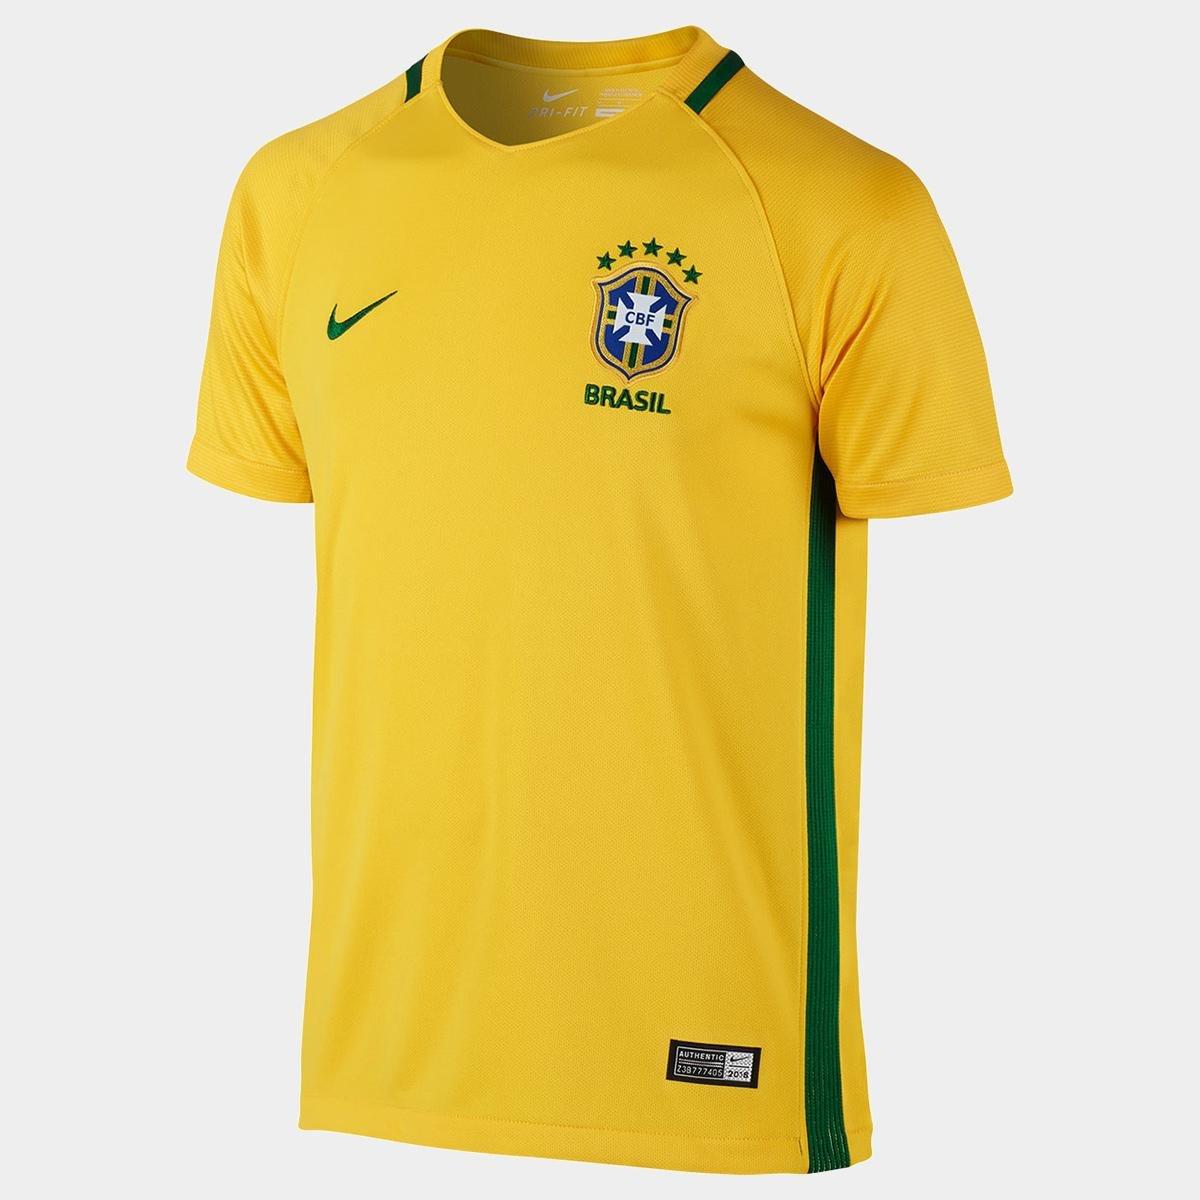 Camisa Seleção Brasil Infantil I 2016 s nº Torcedor Nike - Compre Agora  53408b7b34c49